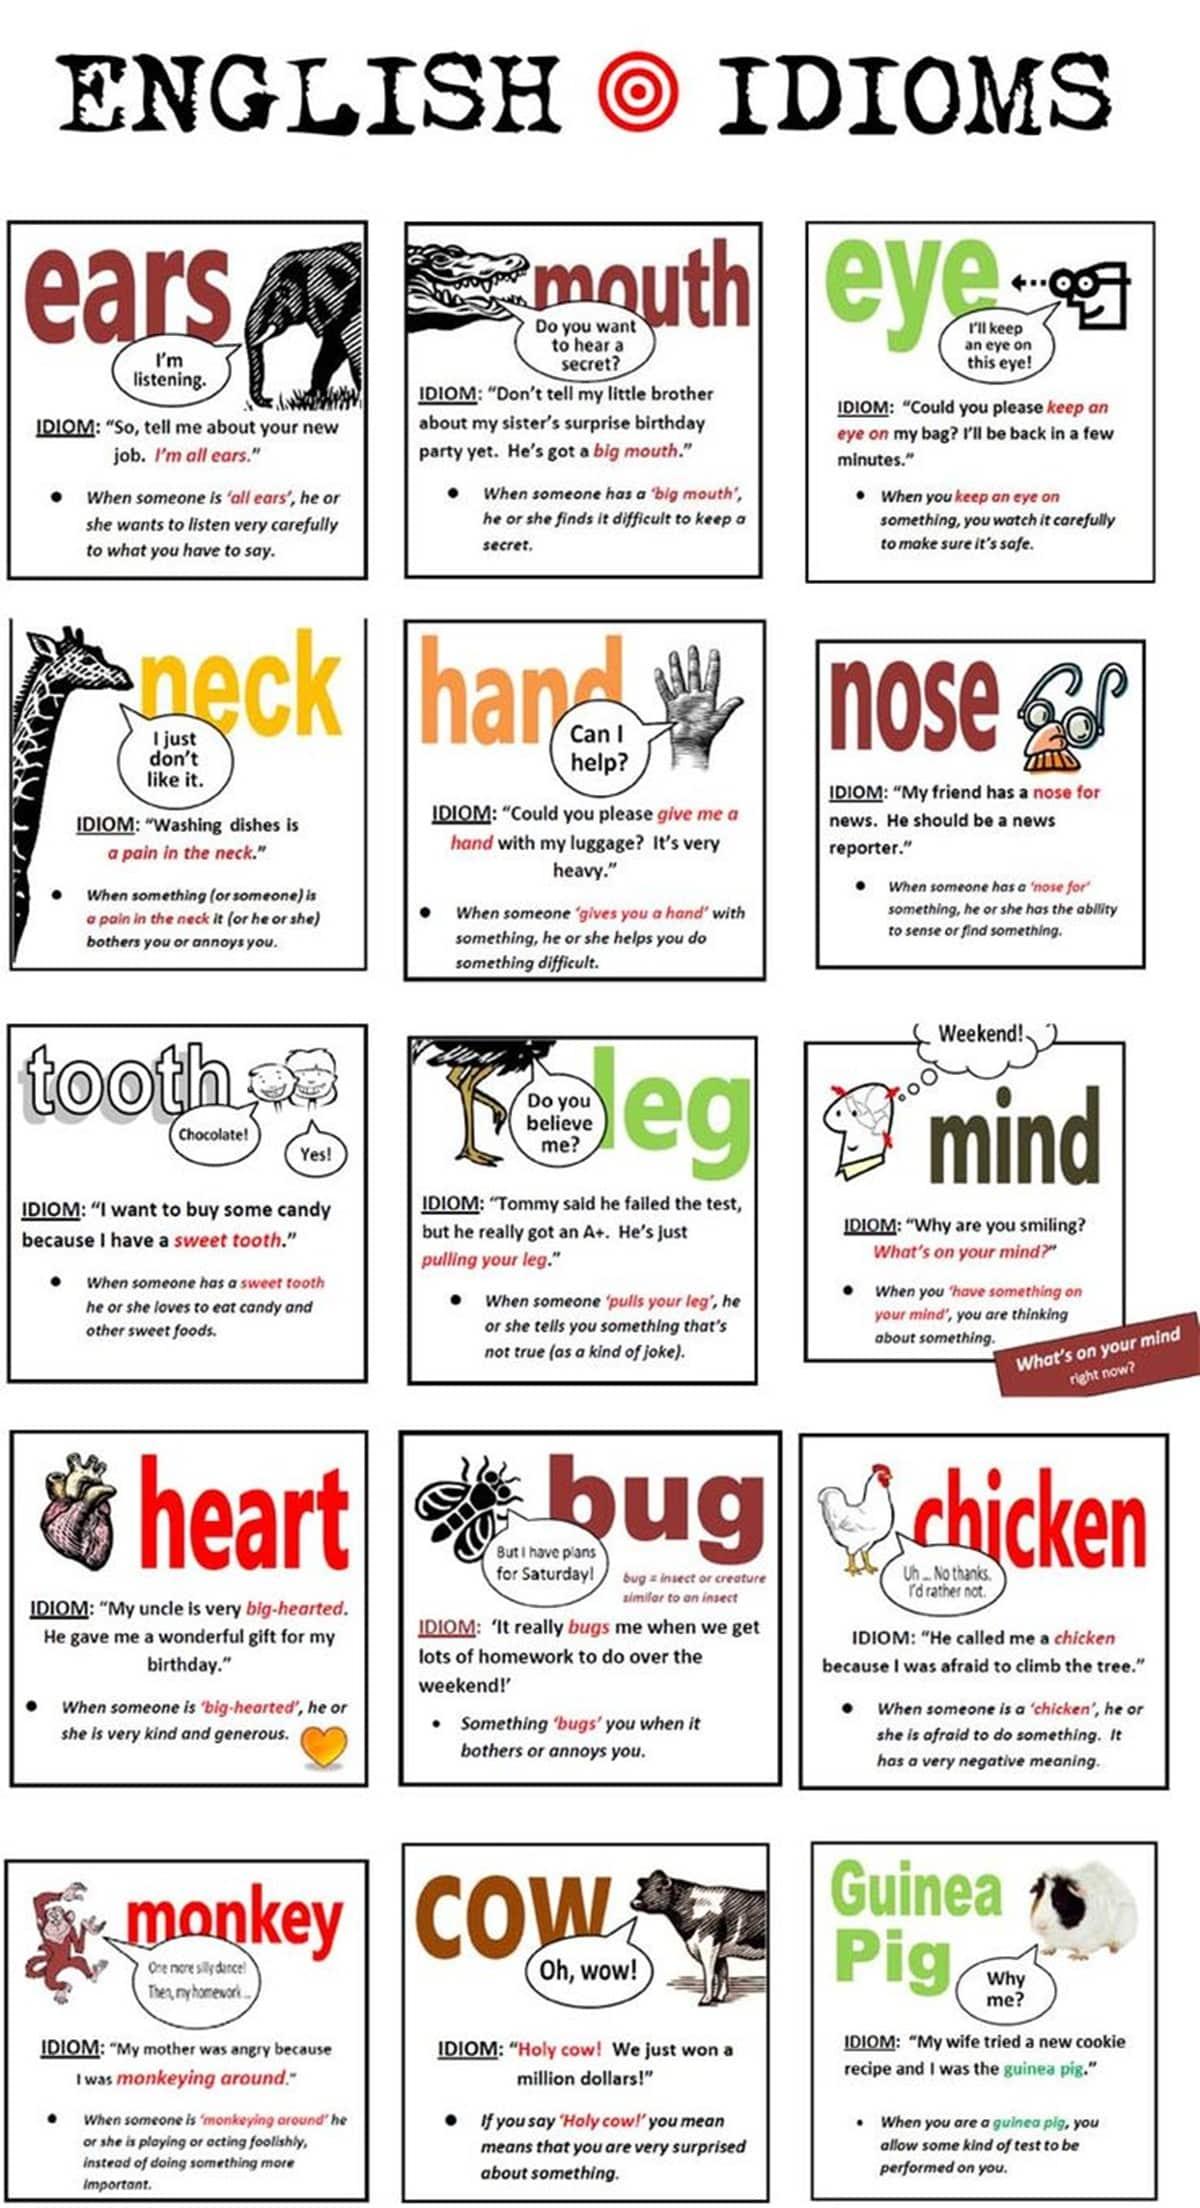 Body Idioms In English